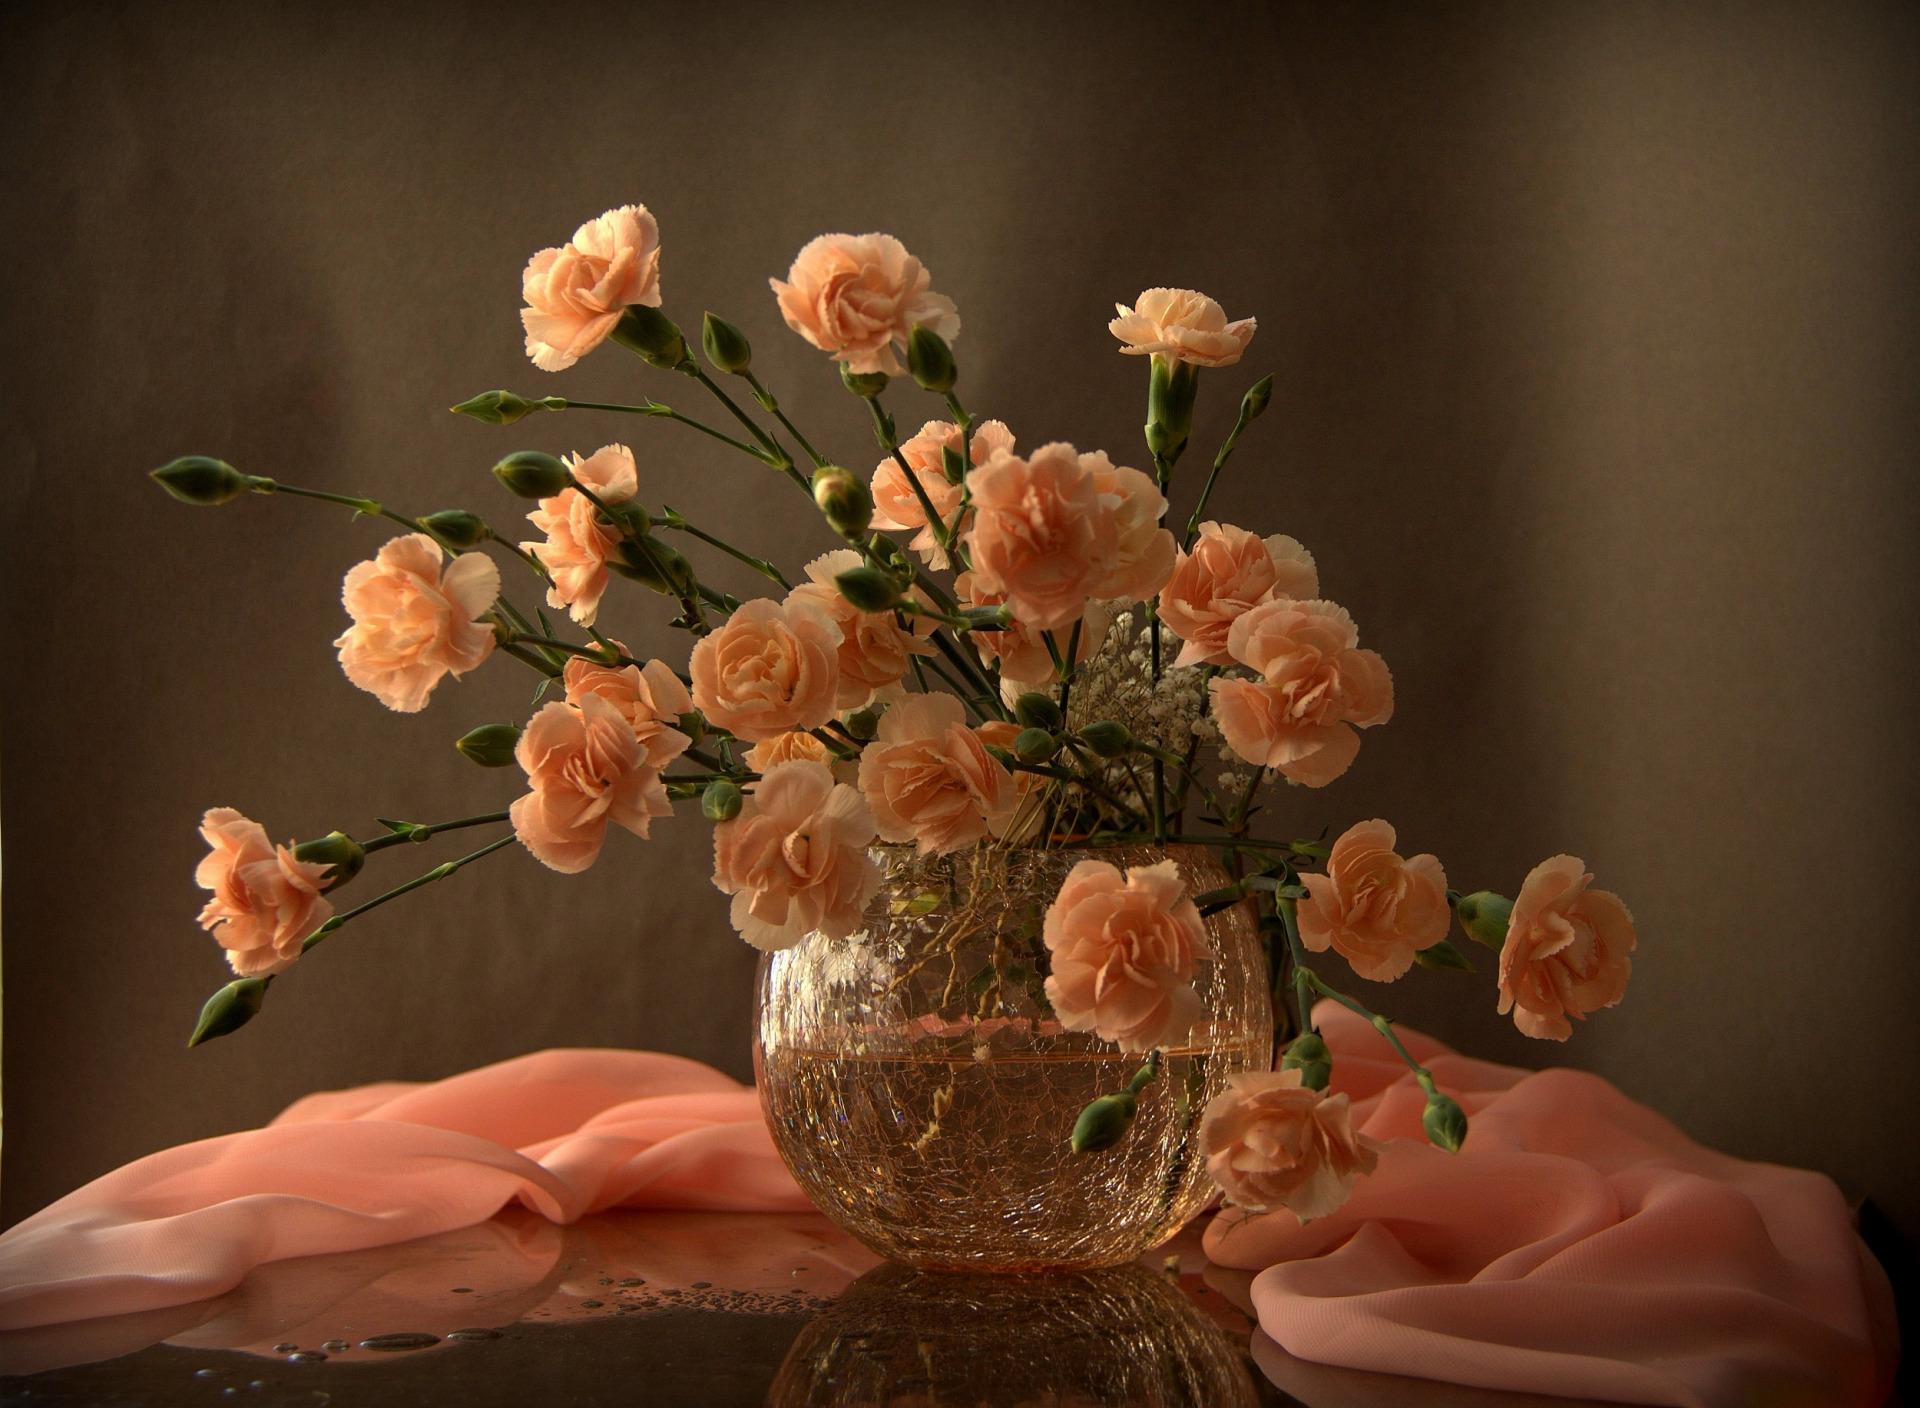 открытки доброго вечера вам хорошего настроения красивые цветы последние годы